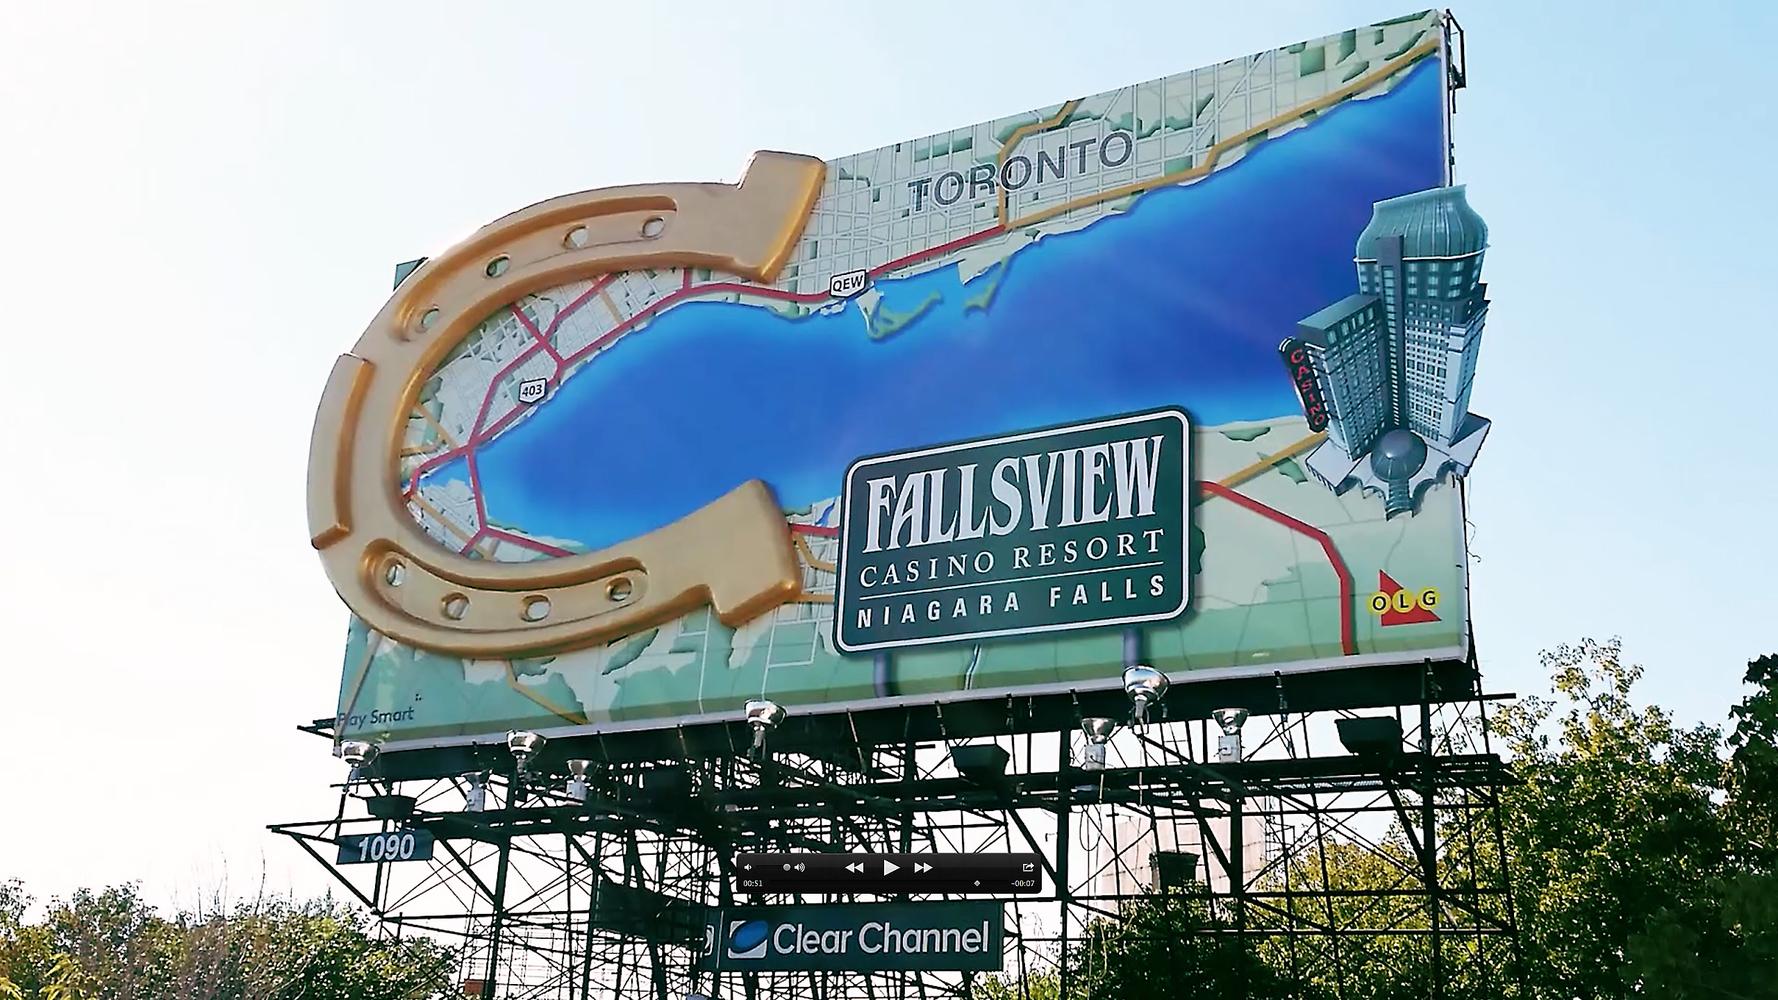 fallsview-casino-billboard_f-jpg